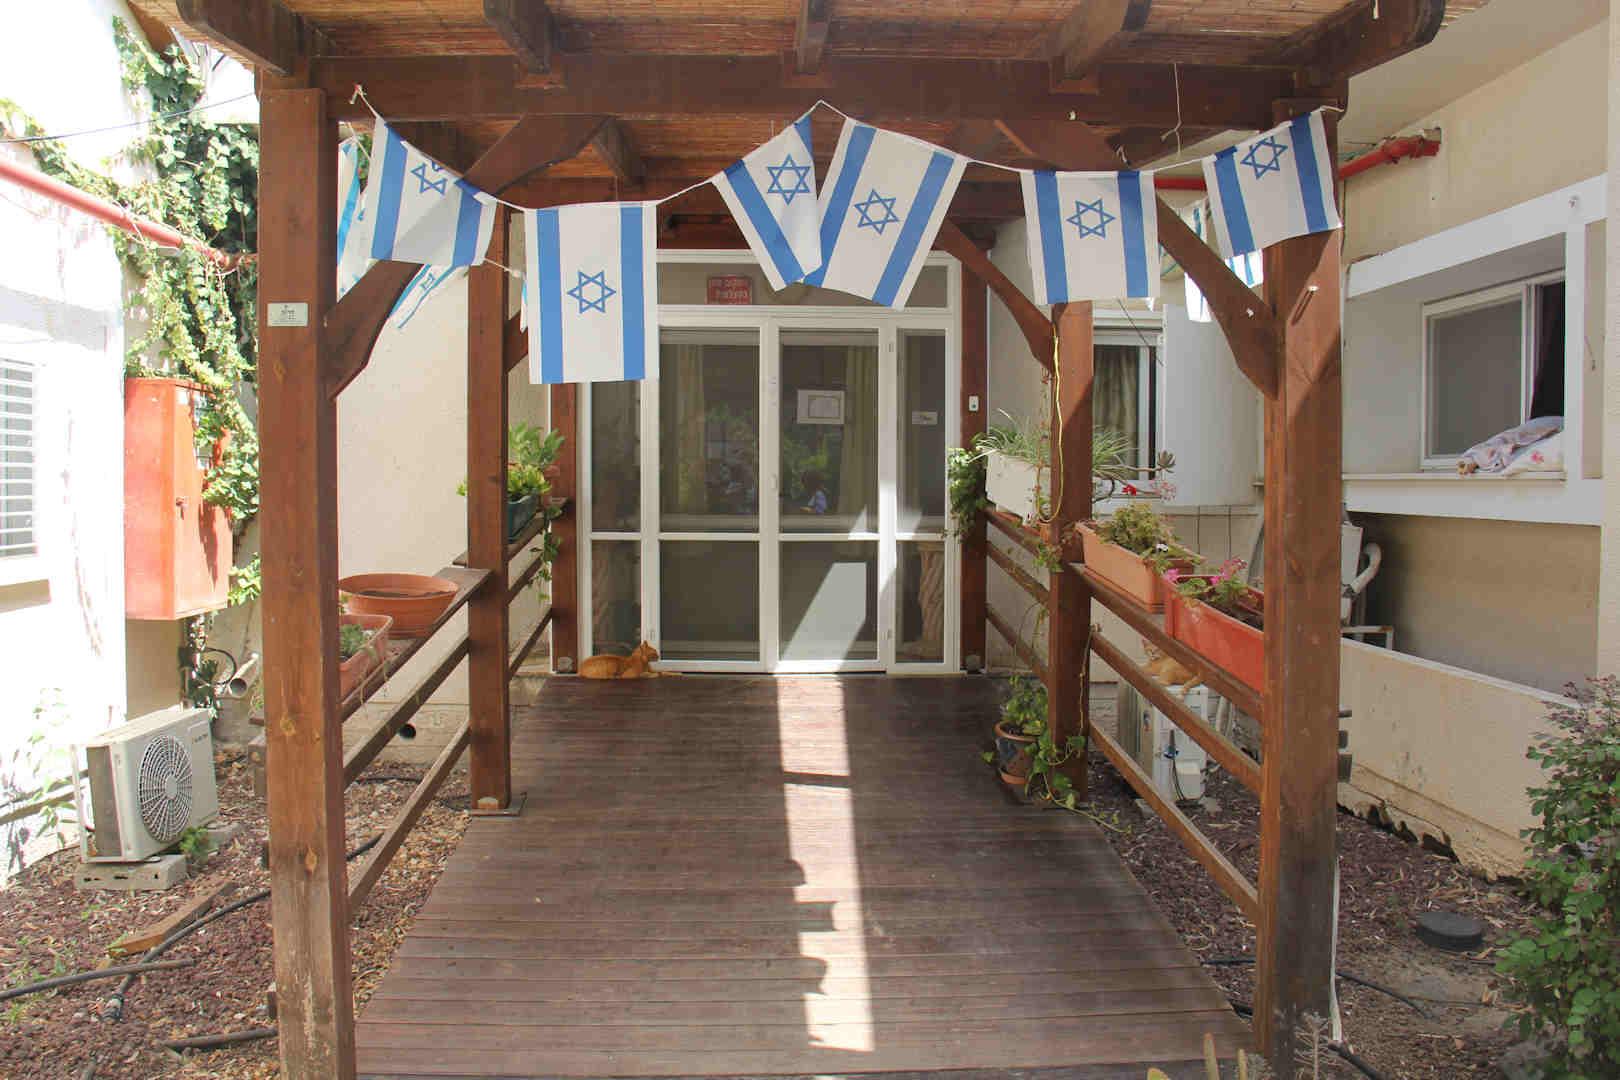 בית עיינות – בית אבות בקיבוץ רמת דוד כניסה